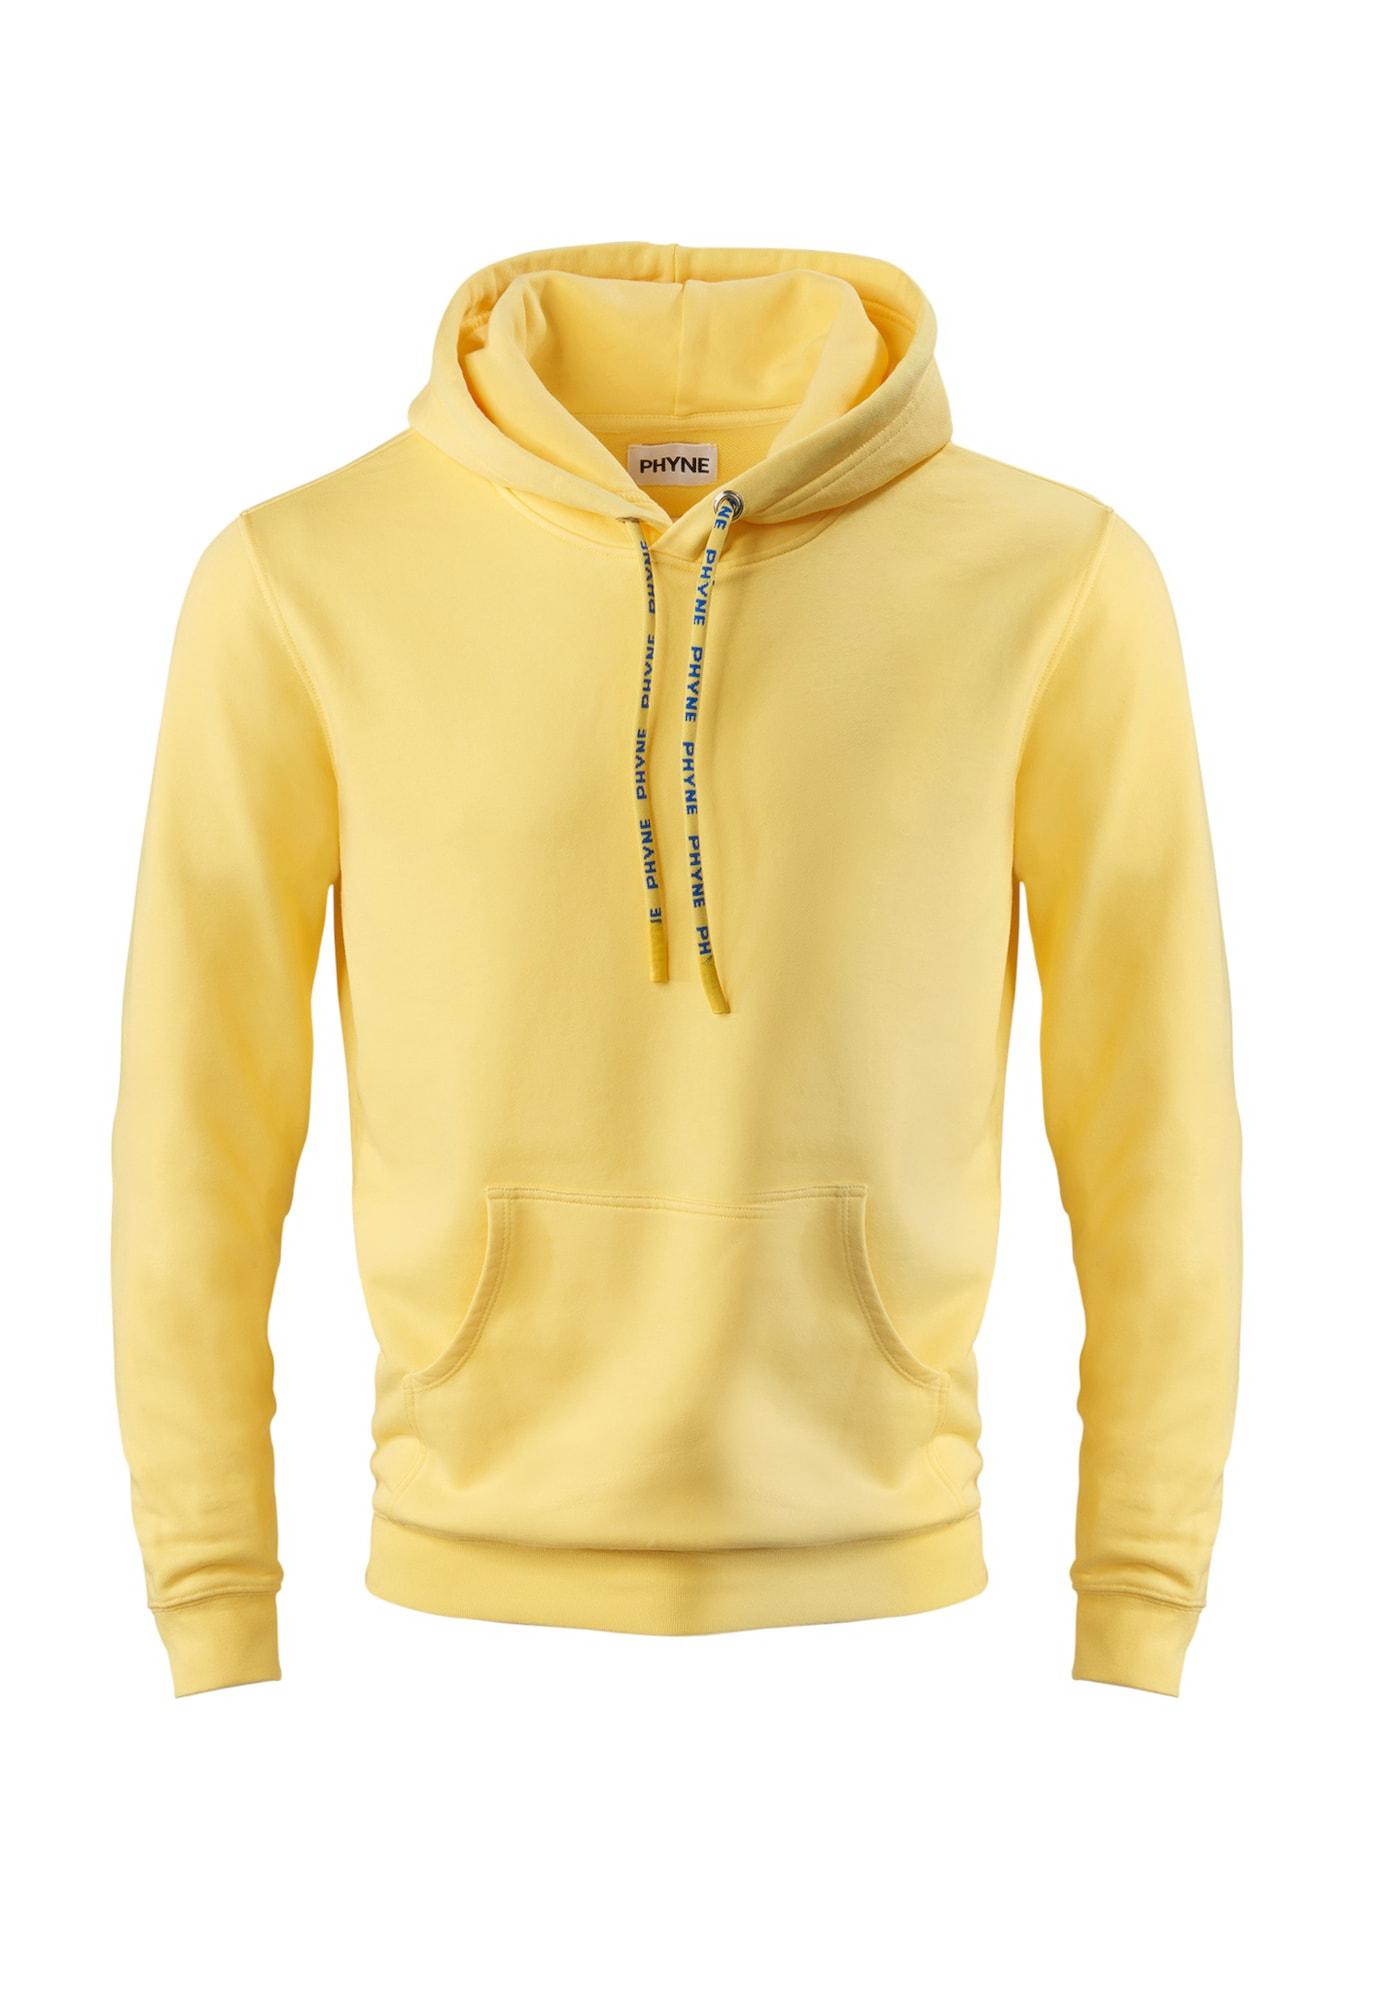 Sweatshirt | Bekleidung > Sweatshirts & -jacken > Sweatshirts | PHYNE